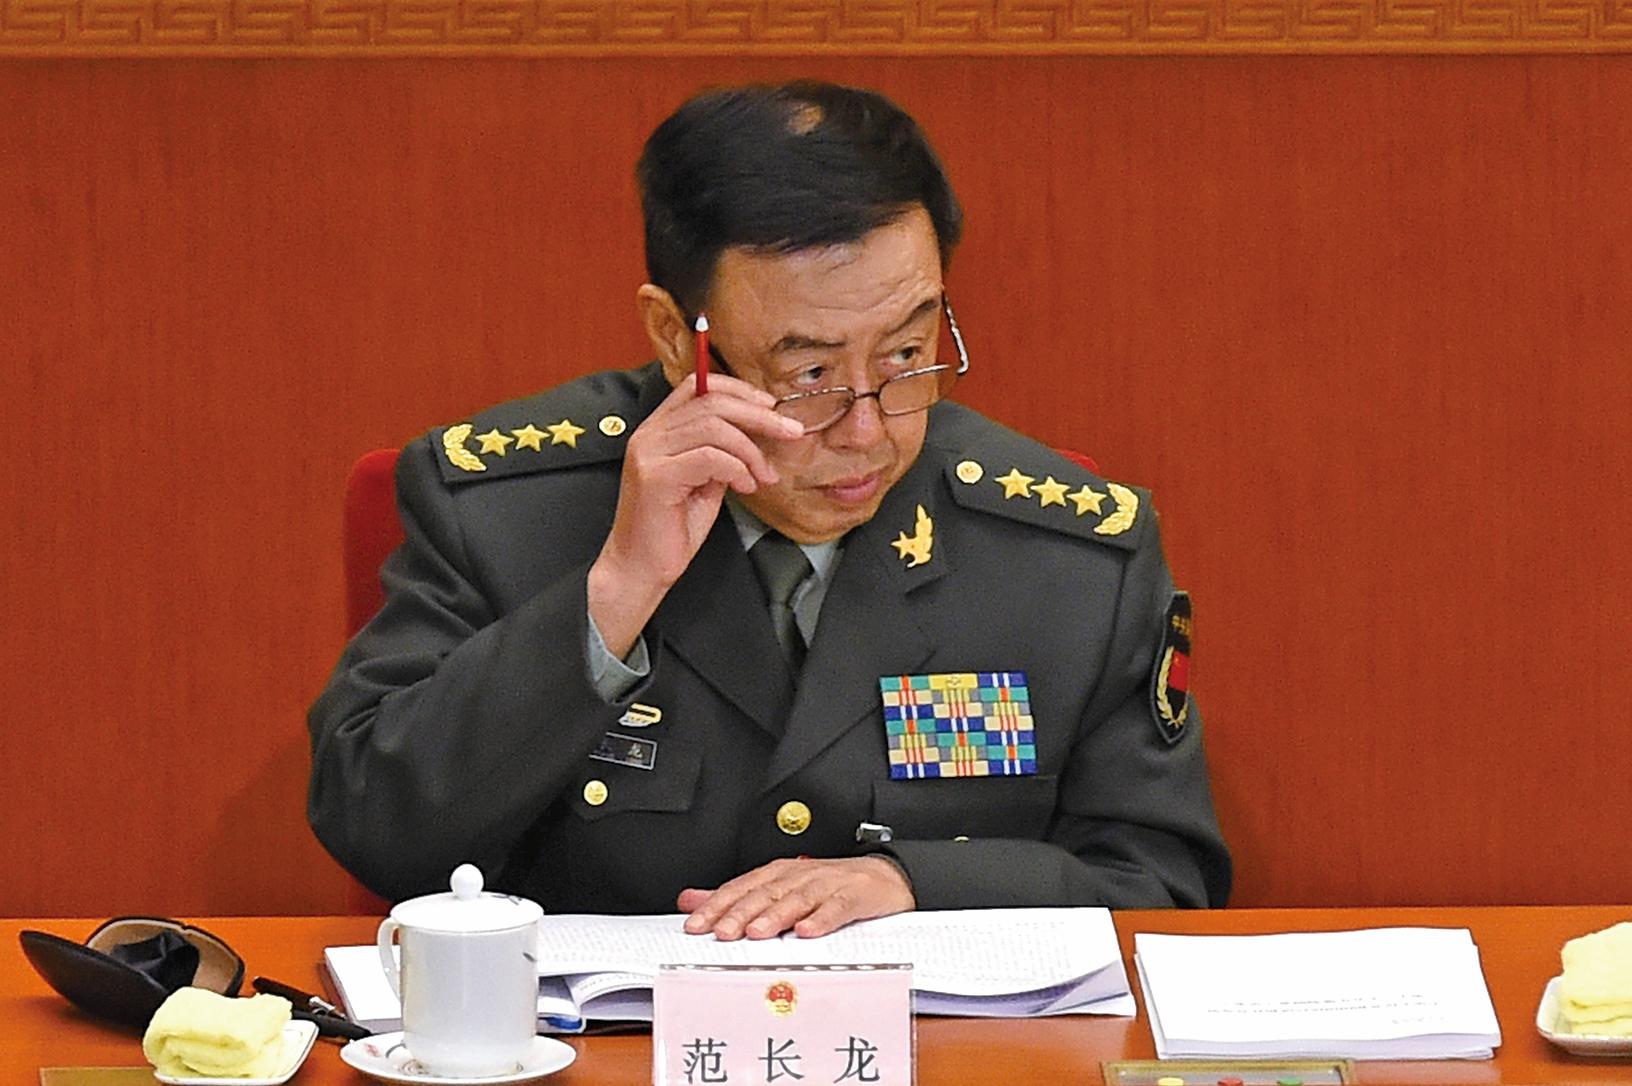 1月中旬,中共軍委副主席范長龍已被立案審查的消息紛傳。范長龍可能也涉及政變。(大紀元資料室)